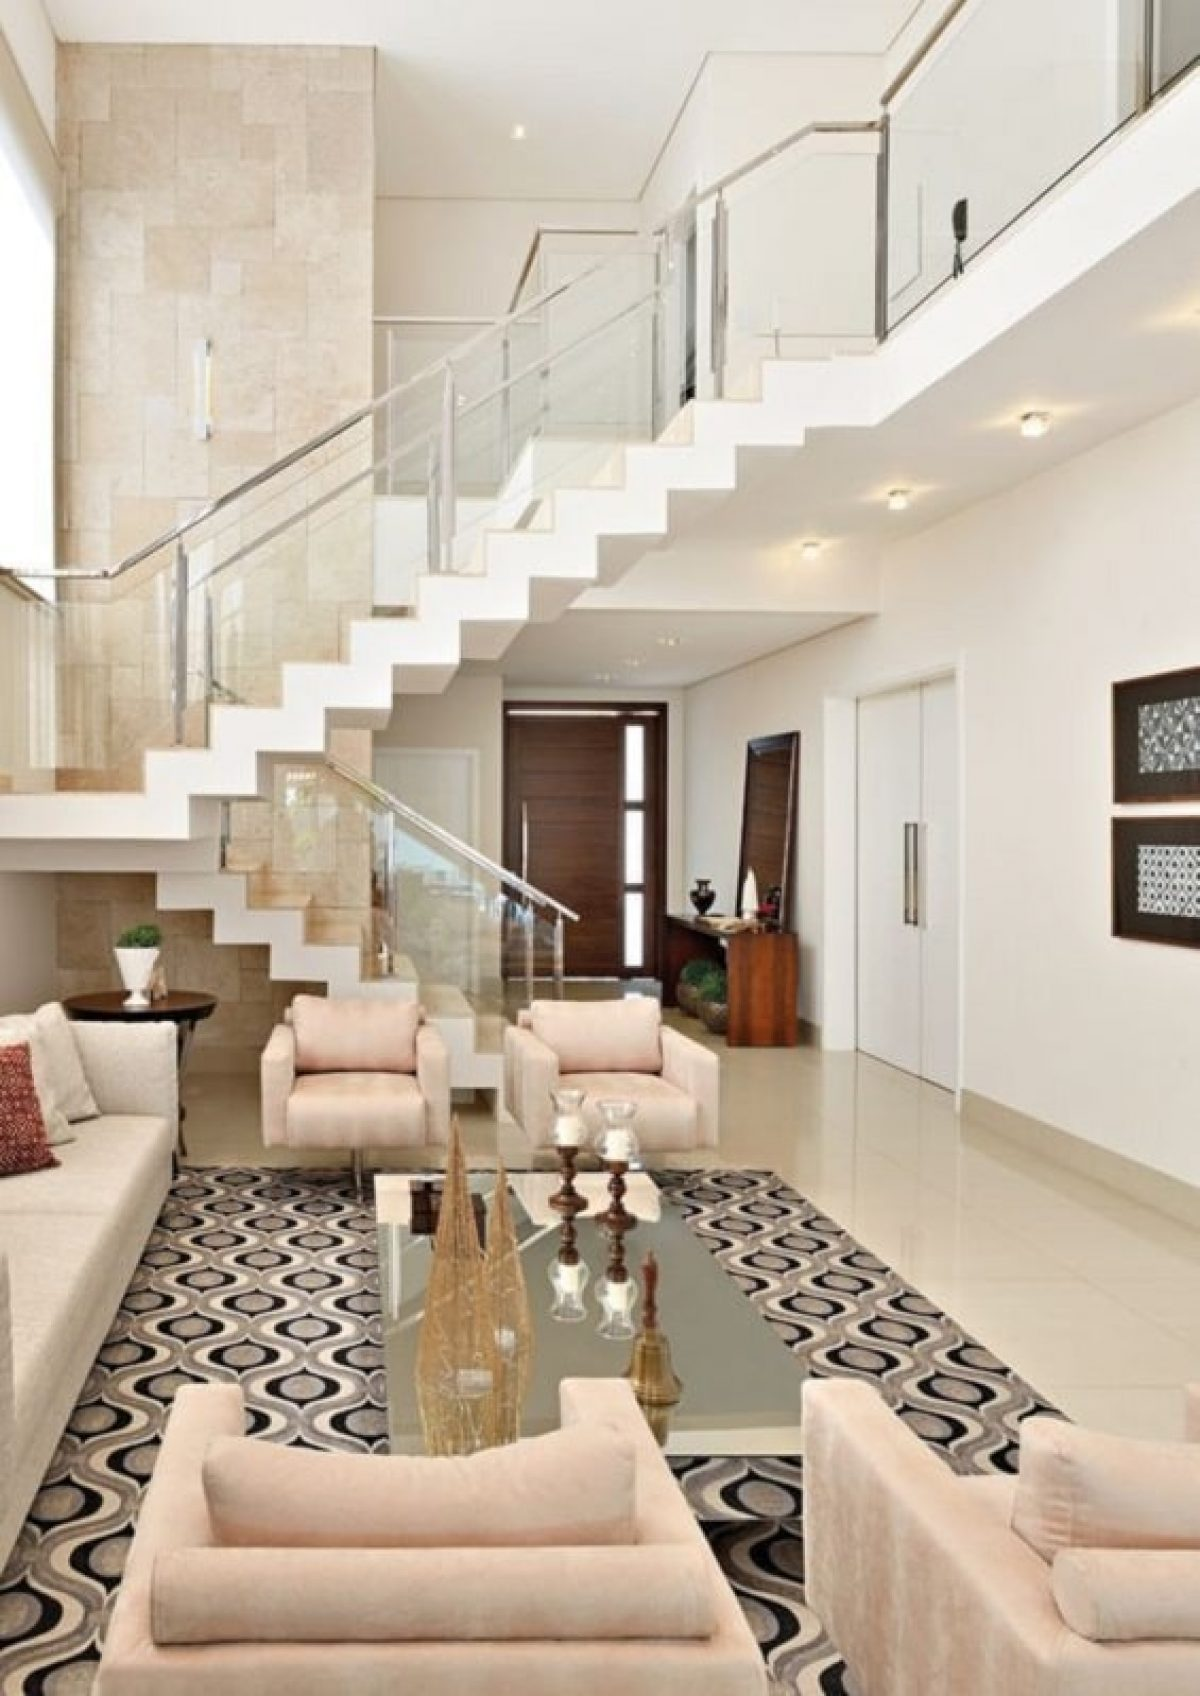 Desain Ruang Tamu Modern Minimalis Yang Menarik